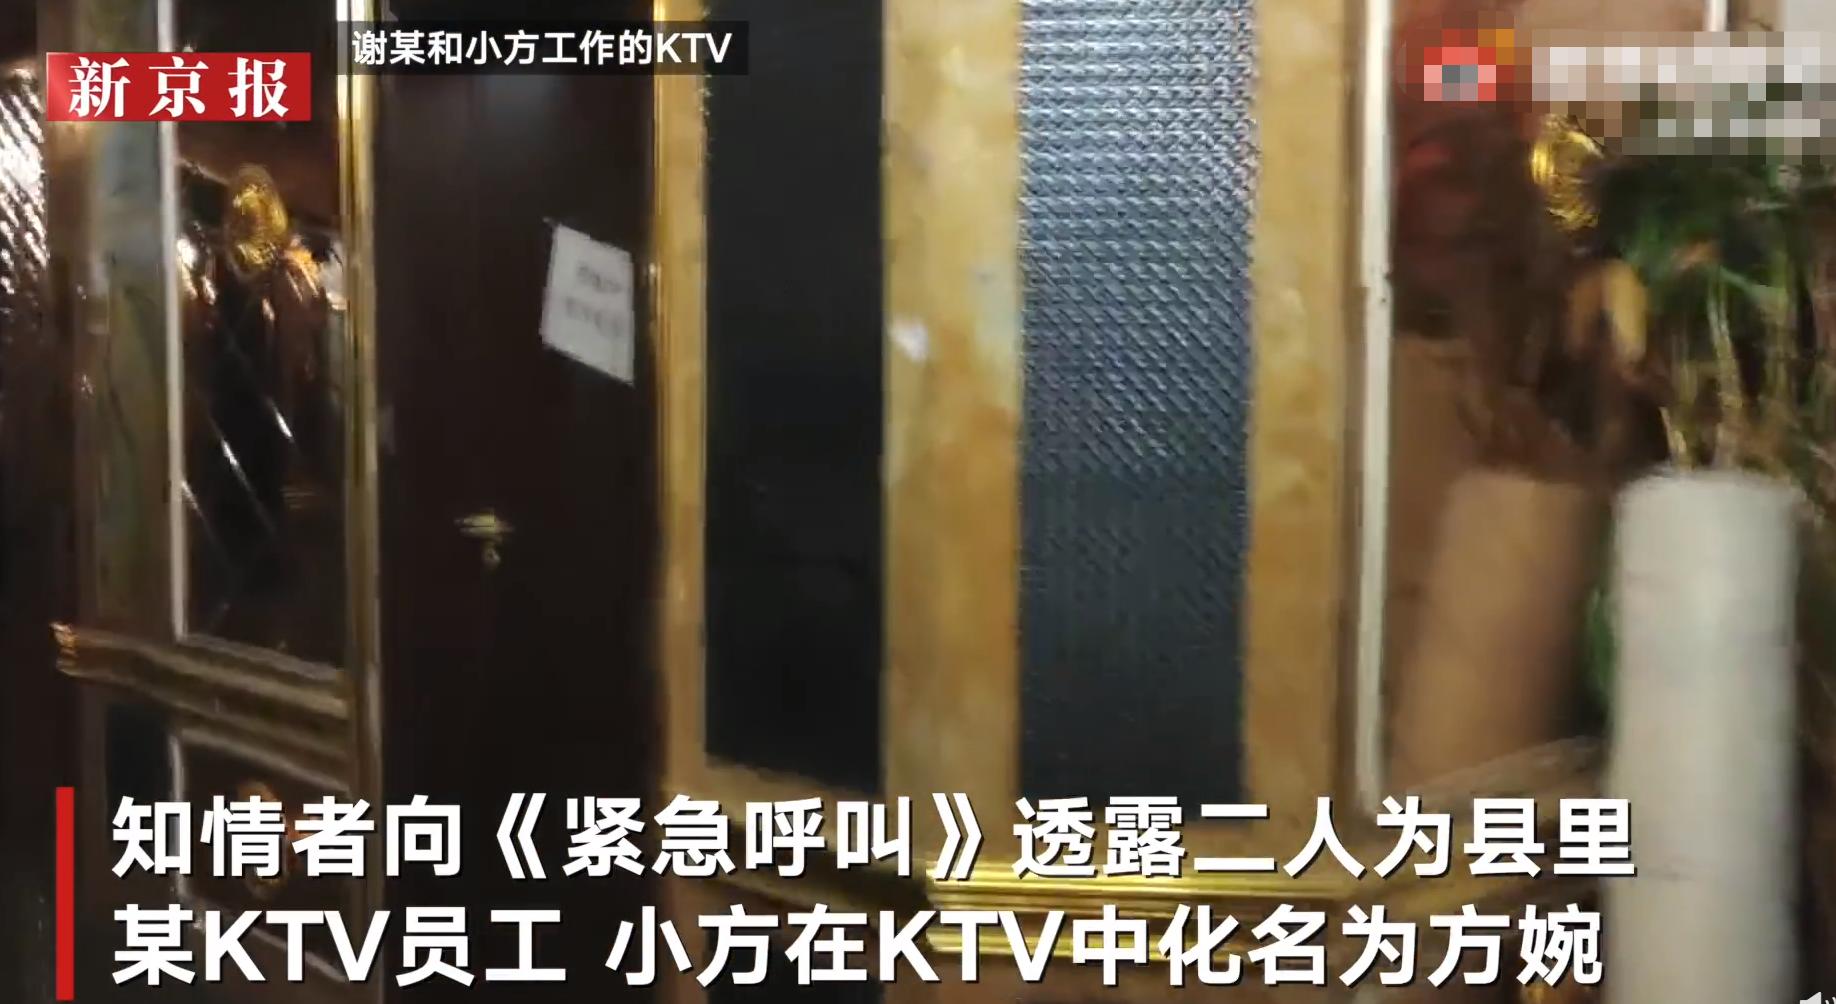 江西皮箱藏尸案嫌犯已抓获 谢磊与被害人小方是上下级关系